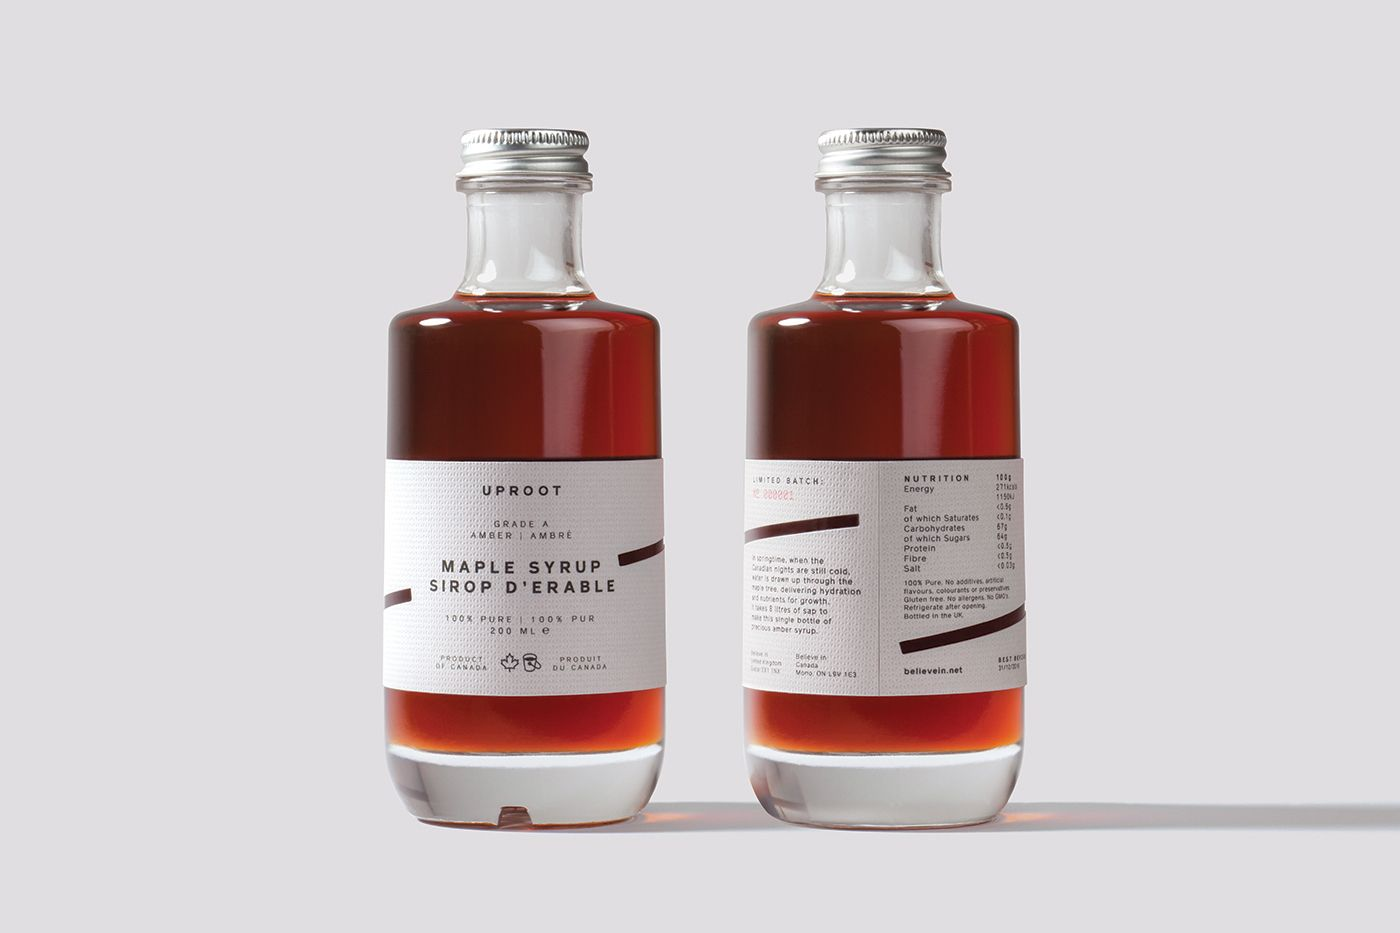 Uproot Bottle Maple Syrup Bottles Wine Bottle Design